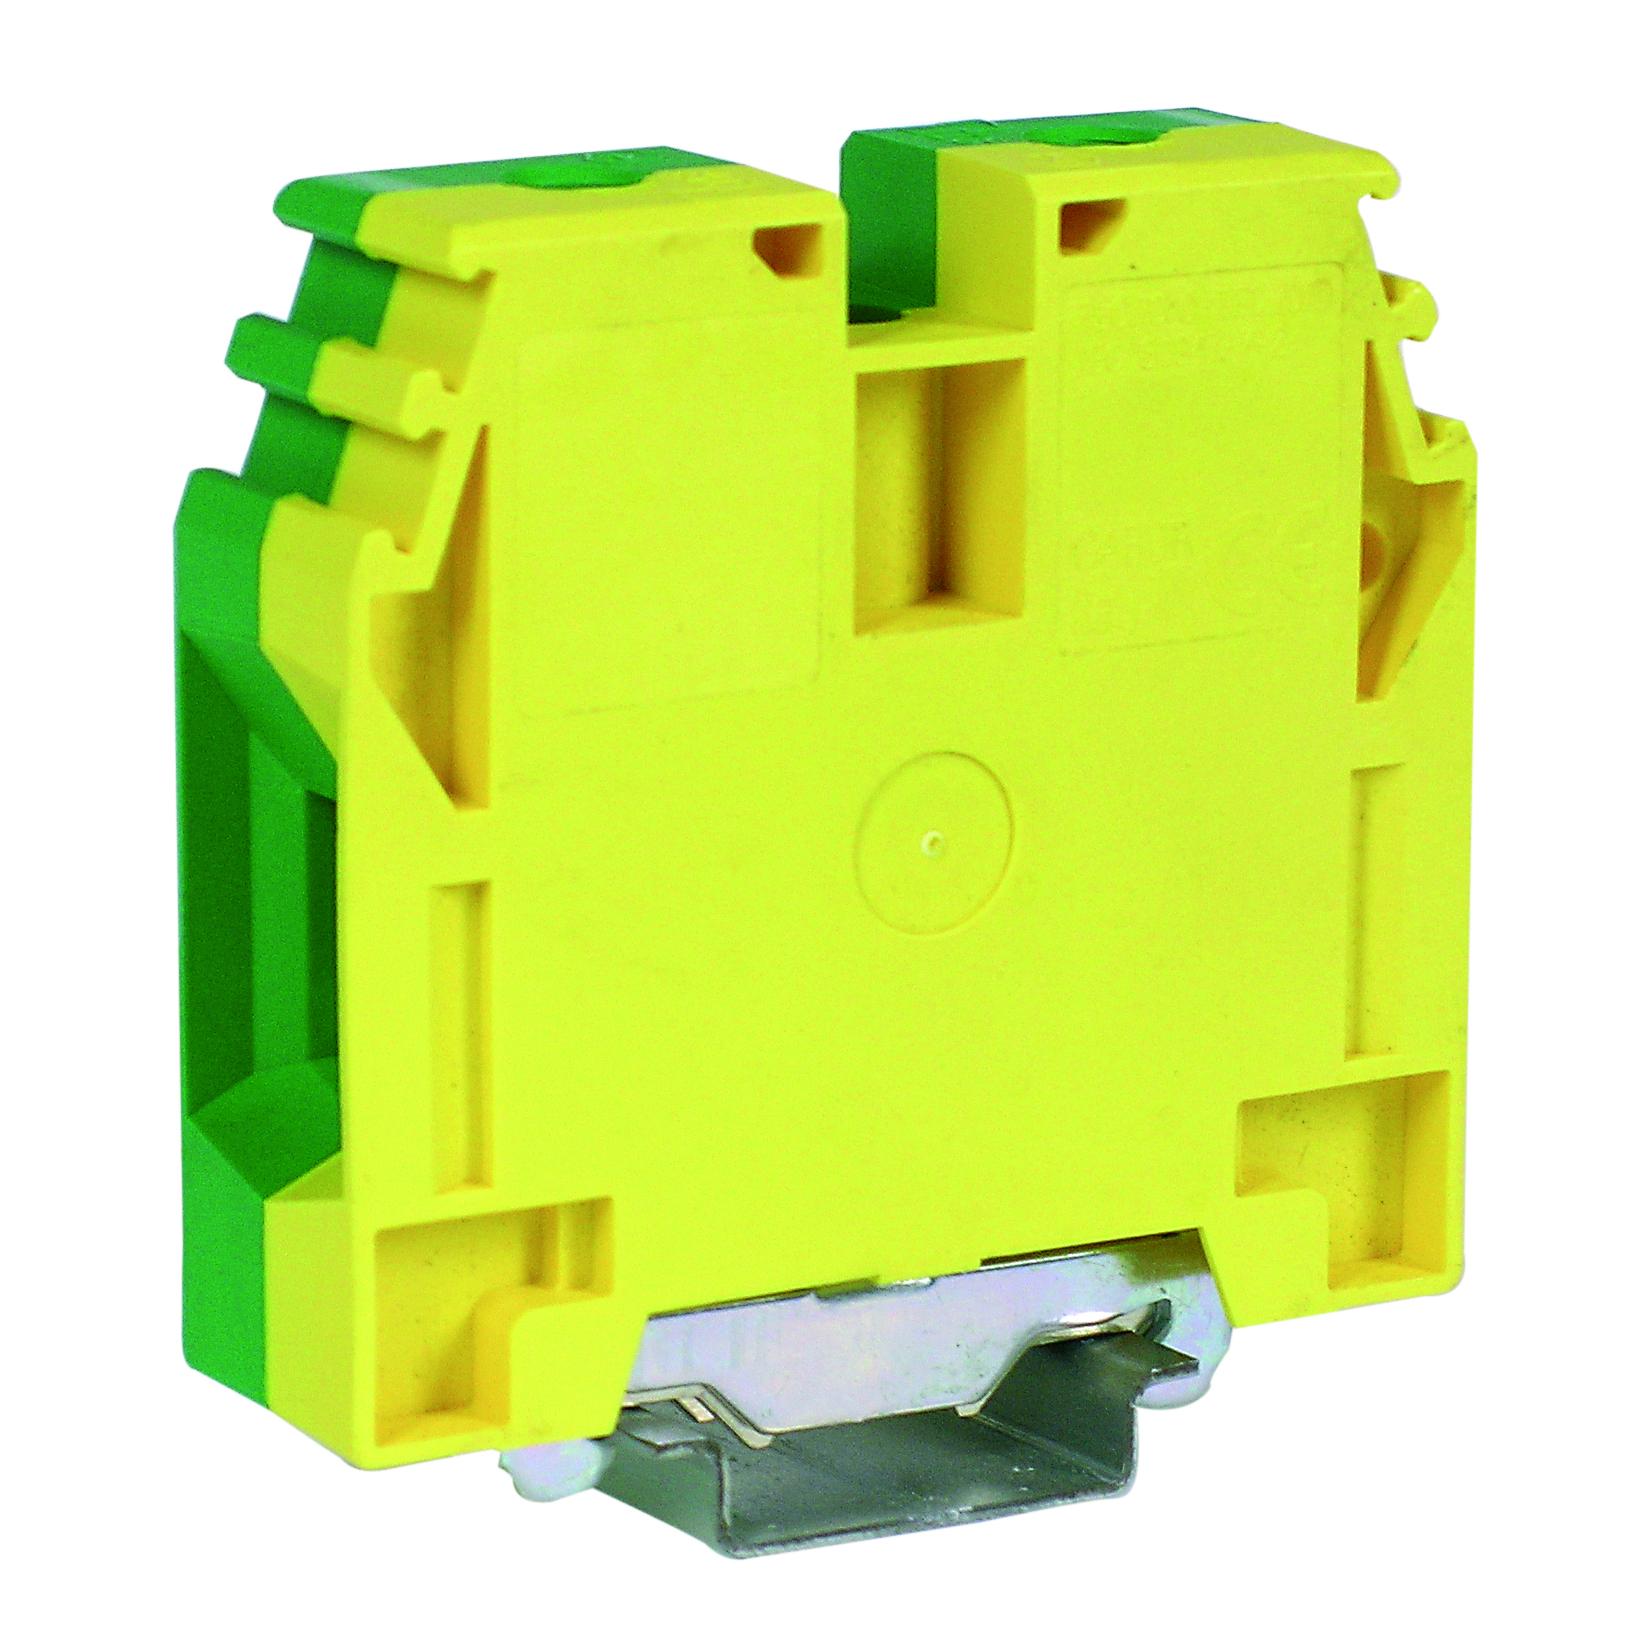 1 Stk Erdungsklemme TEC.70 grün-gelb, 70mm² IK122070--